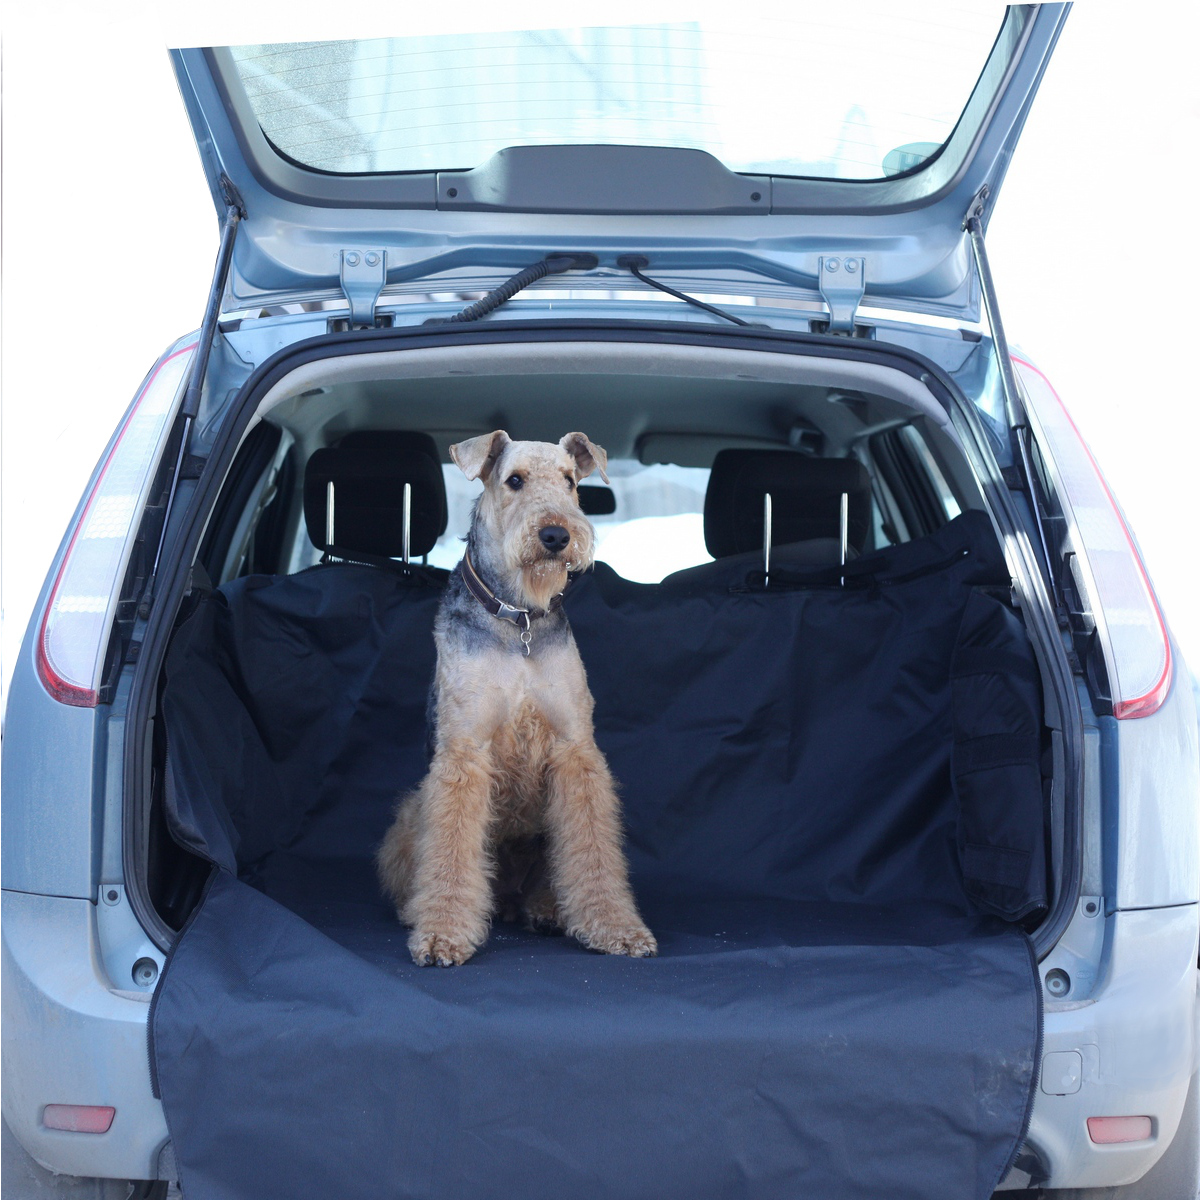 Автогамак для собак OSSO Fashion Car Premium, в багажник, 120 х 210 см0120710Автогамак OSSO Fashion Car Premium представляет собой функциональное приспособление для перевозки собак в салоне машины. Этот автогамак идеально подойдет для транспортировки питомца в багажнике, защитит задний бампер от царапин и багажное отделение от грязи. Незаменим при транспортировке животного после прогулок на природе, поездки в ветклинику, на выставку, охоту, рыбалку и дачу, не опасаясь испачкать или поцарапать сидения и обивку дверей. Изготовлен из прочной, дублированной, водостойкой и морозоустойчивой ткани на подкладке. Конструкция гамака предохраняет питомца от соскальзывания и передвижения по салону во время движения и резкого торможения. Чистка такого гамака не составляет никакого труда: просто стряхните засохшую грязь и песок щеткой, а затем протрите поверхность влажной губкой или тряпкой.Размеры автогамака: ширина дна - 120 см, общая длина - 210 см, высота бортов со стороны спинок сидений - 55 см, высота бортов со стороны двери багажника - 40 см.